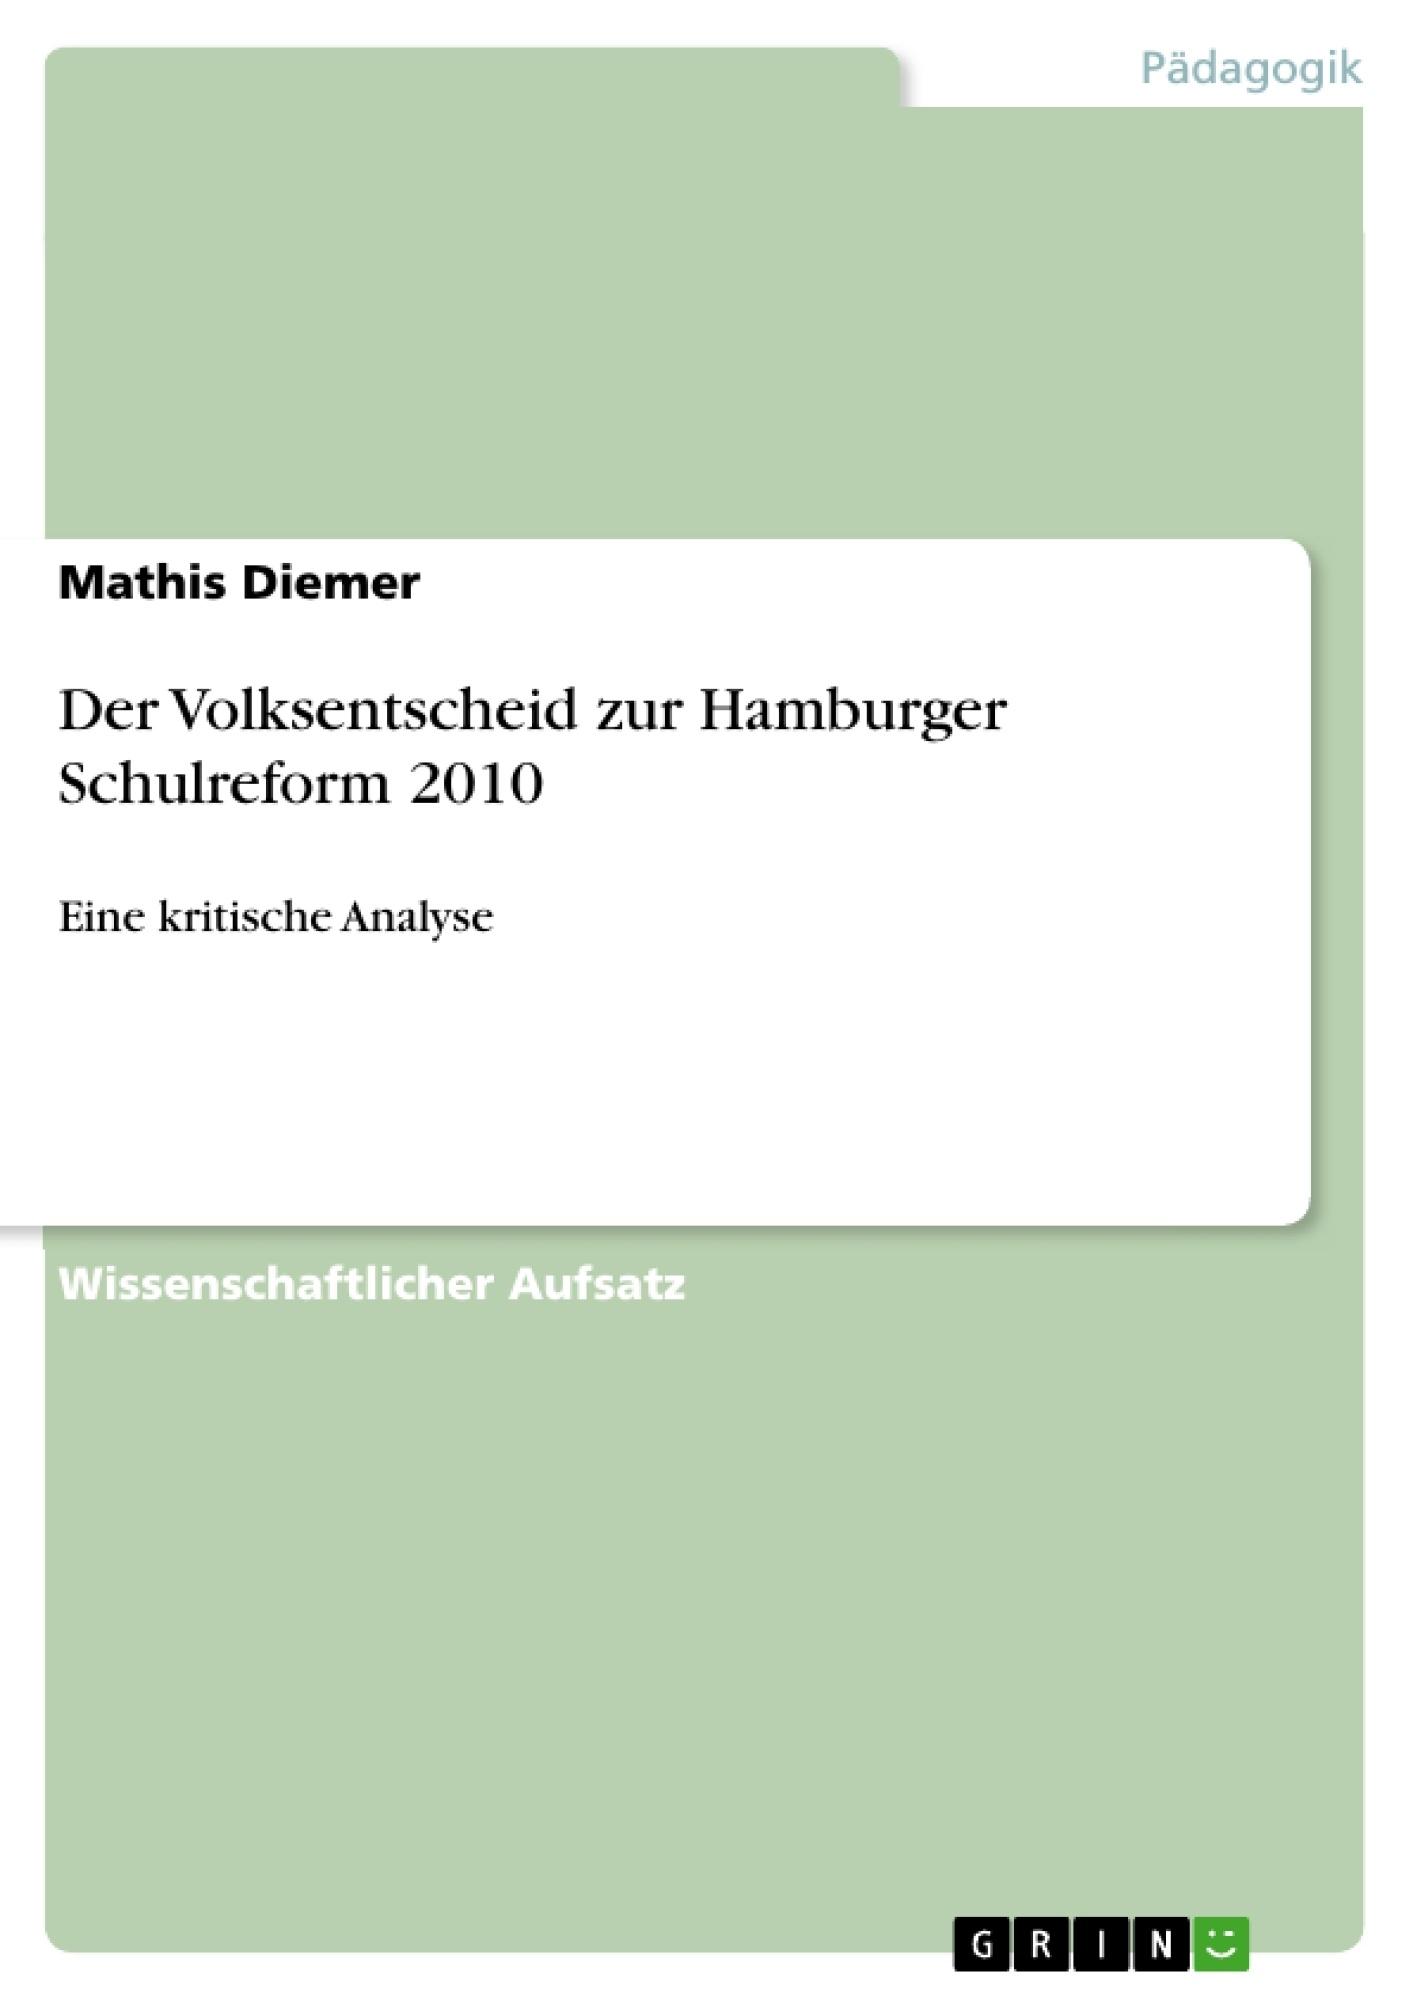 Titel: Der Volksentscheid zur Hamburger Schulreform 2010